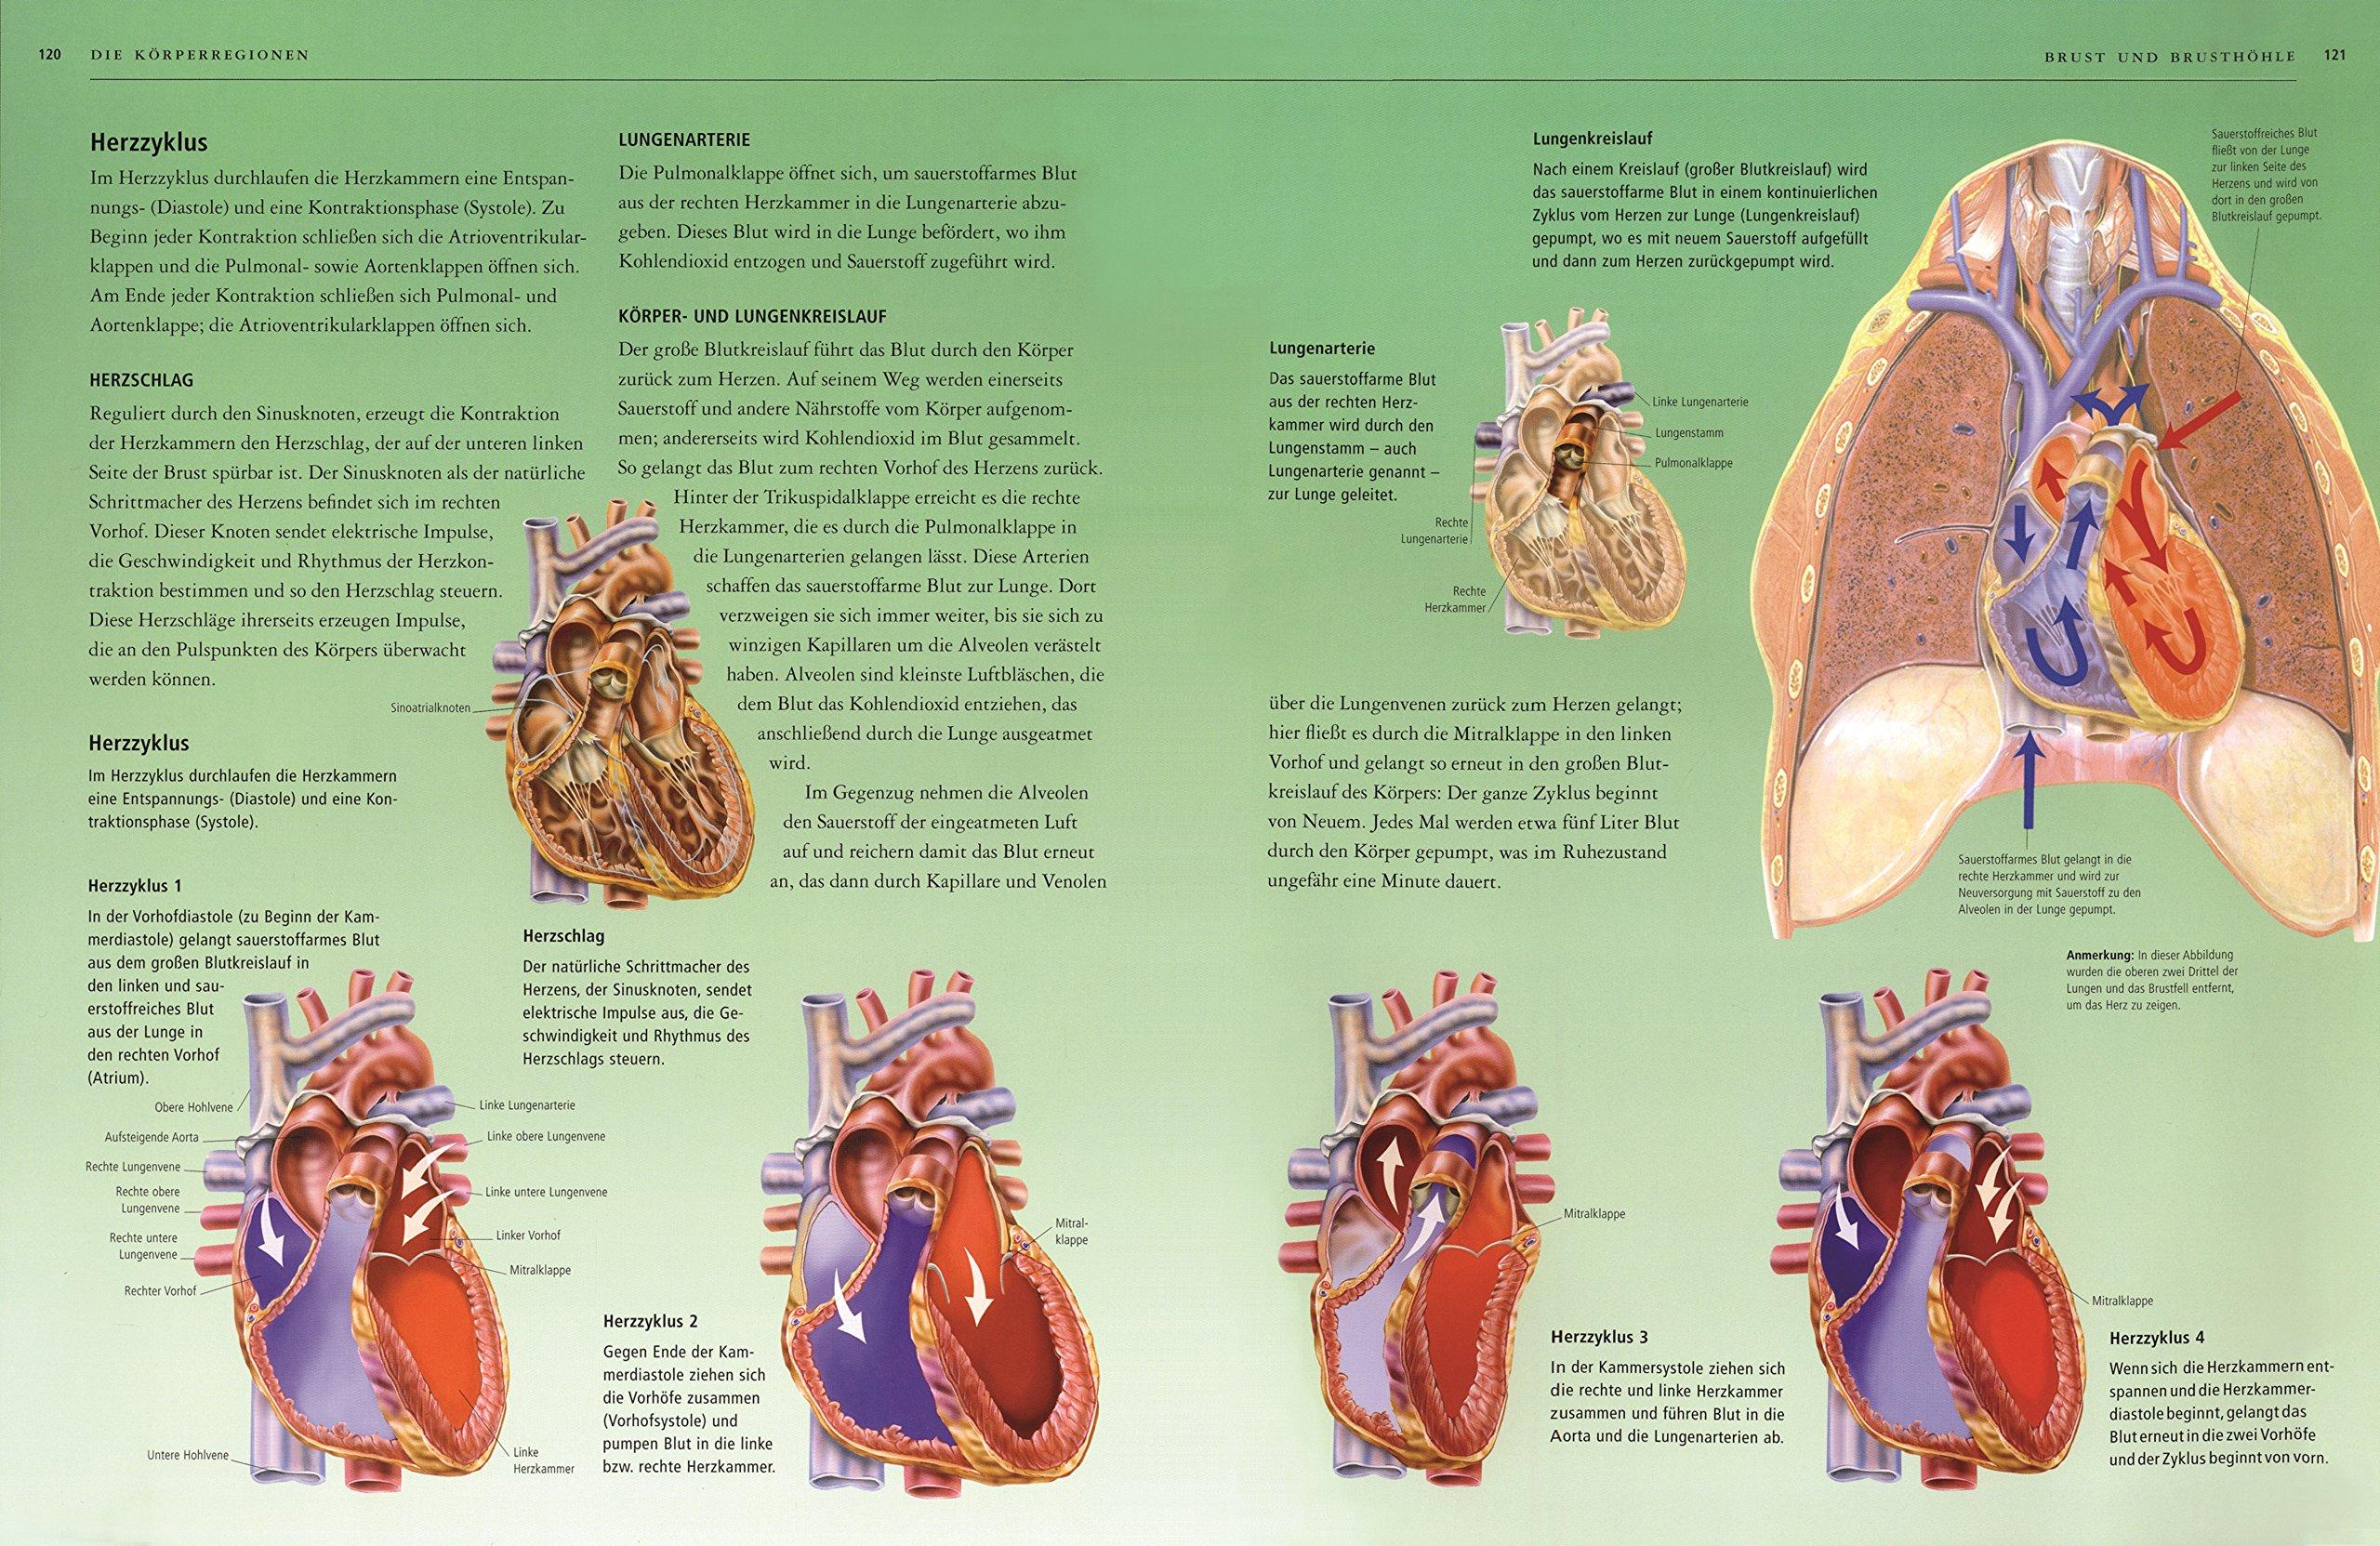 Atlas des menschlichen Körpers: Bau und Funktion des menschlichen ...